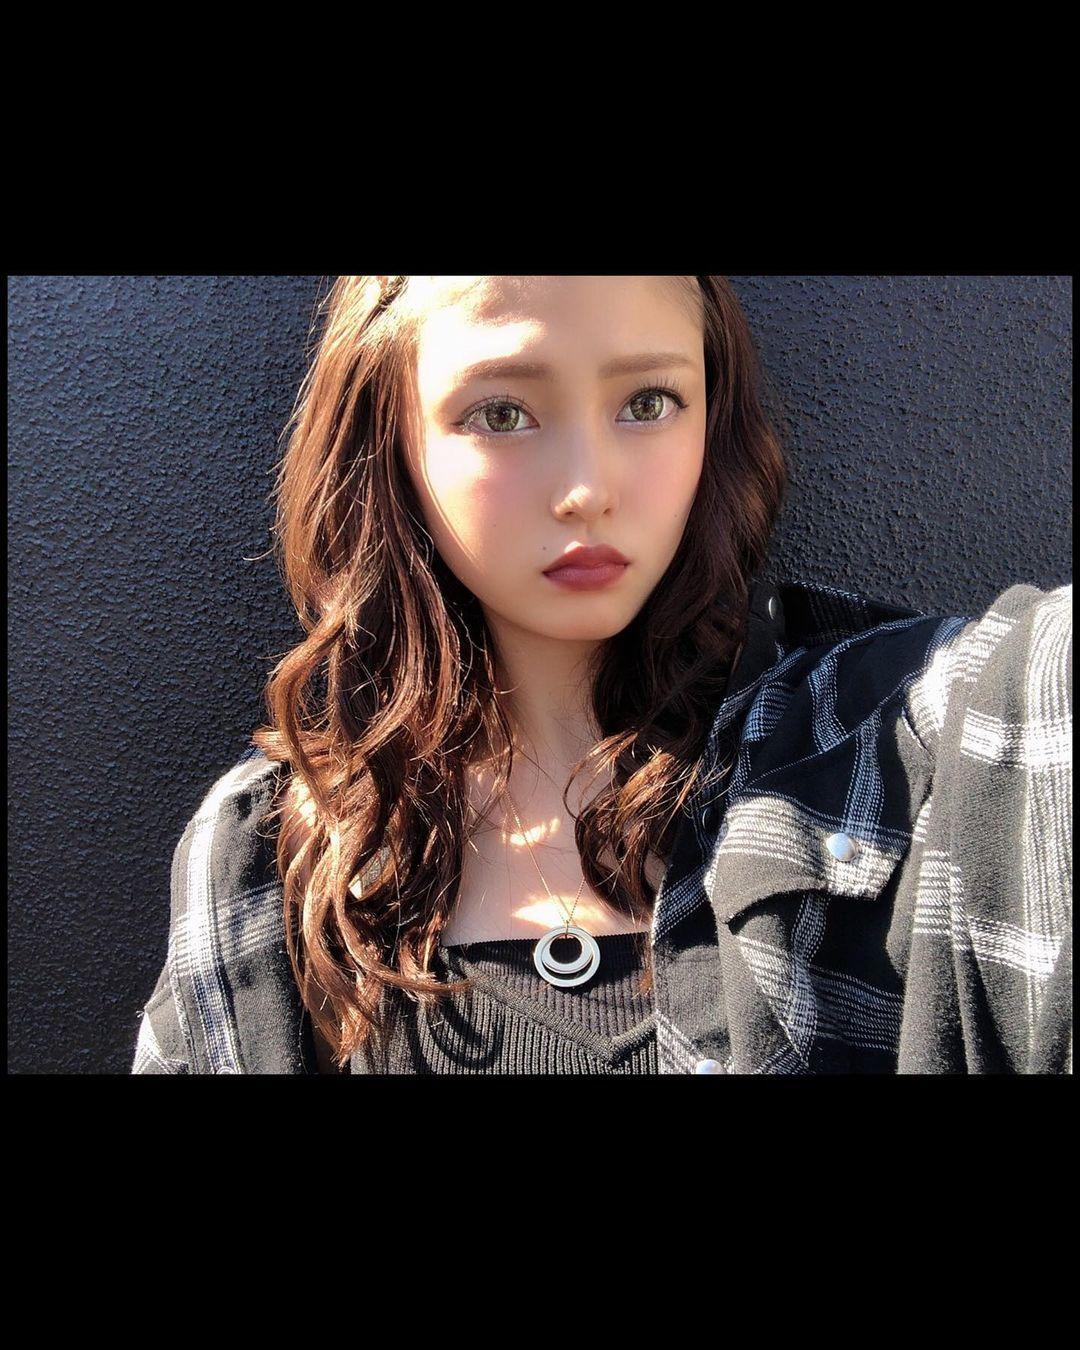 今年刚高中毕业 18 岁美少女樱井音乃身材整个无敌 网络美女 第7张